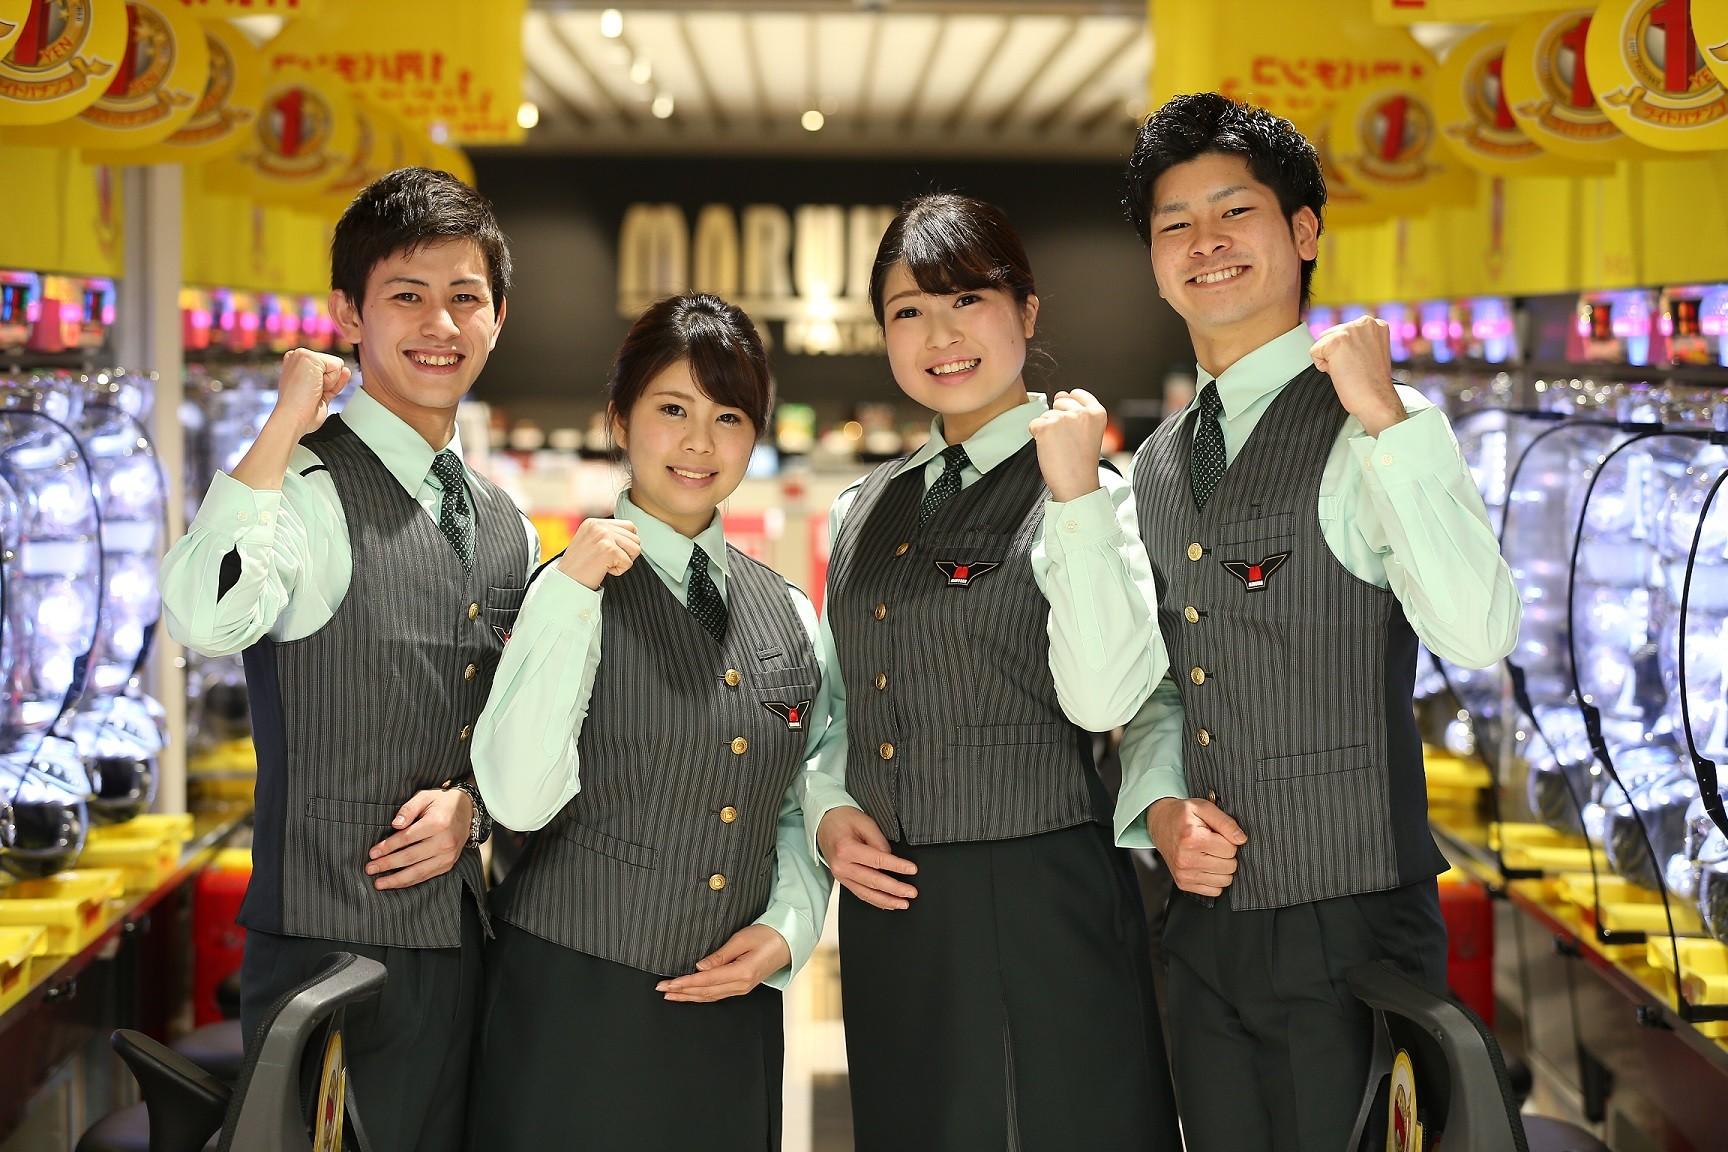 マルハン 鶴見店[1412]のアルバイト情報